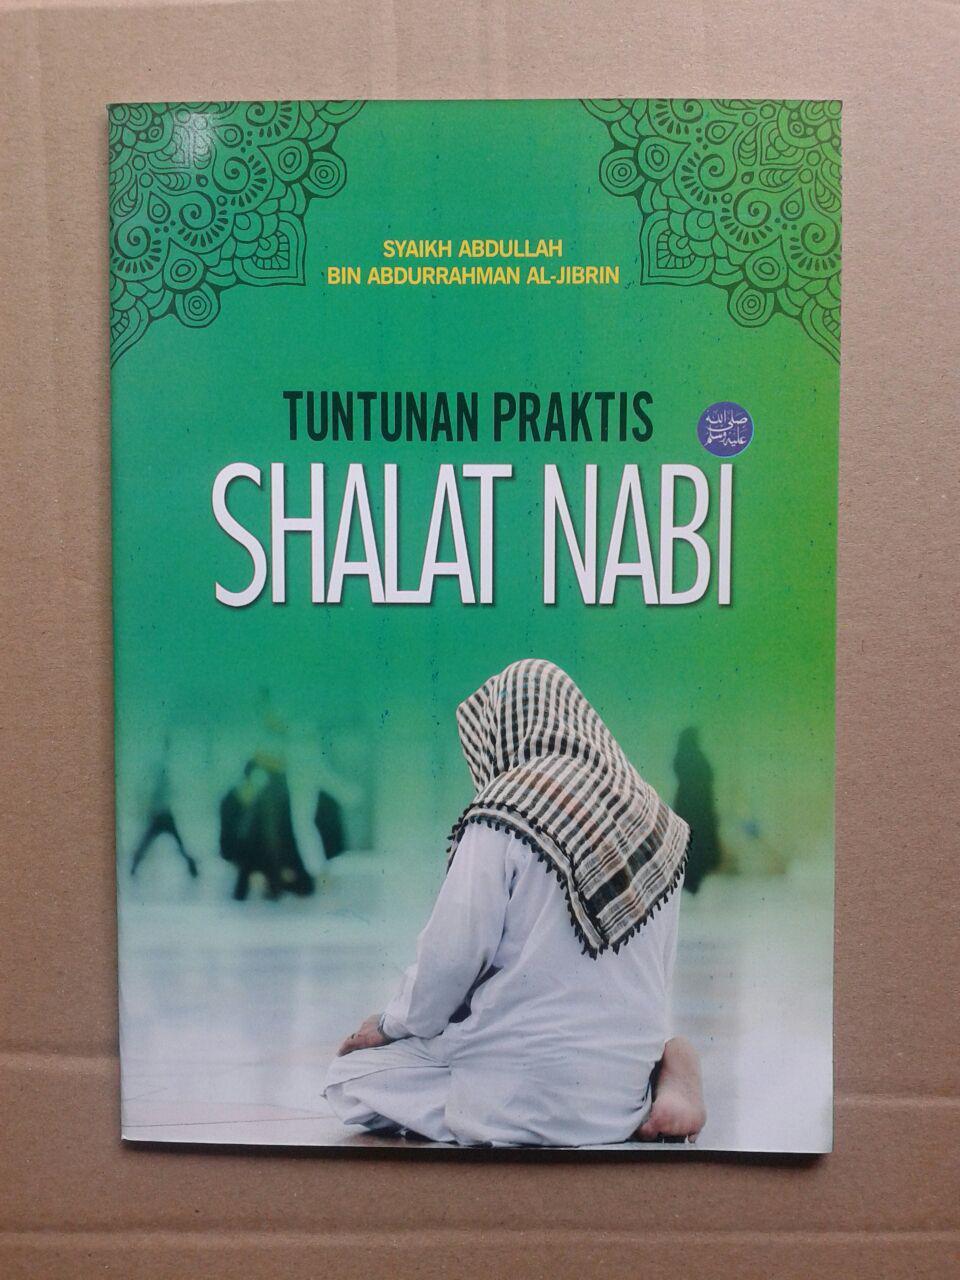 Buku Tuntunan Praktis Shalat Nabi cover